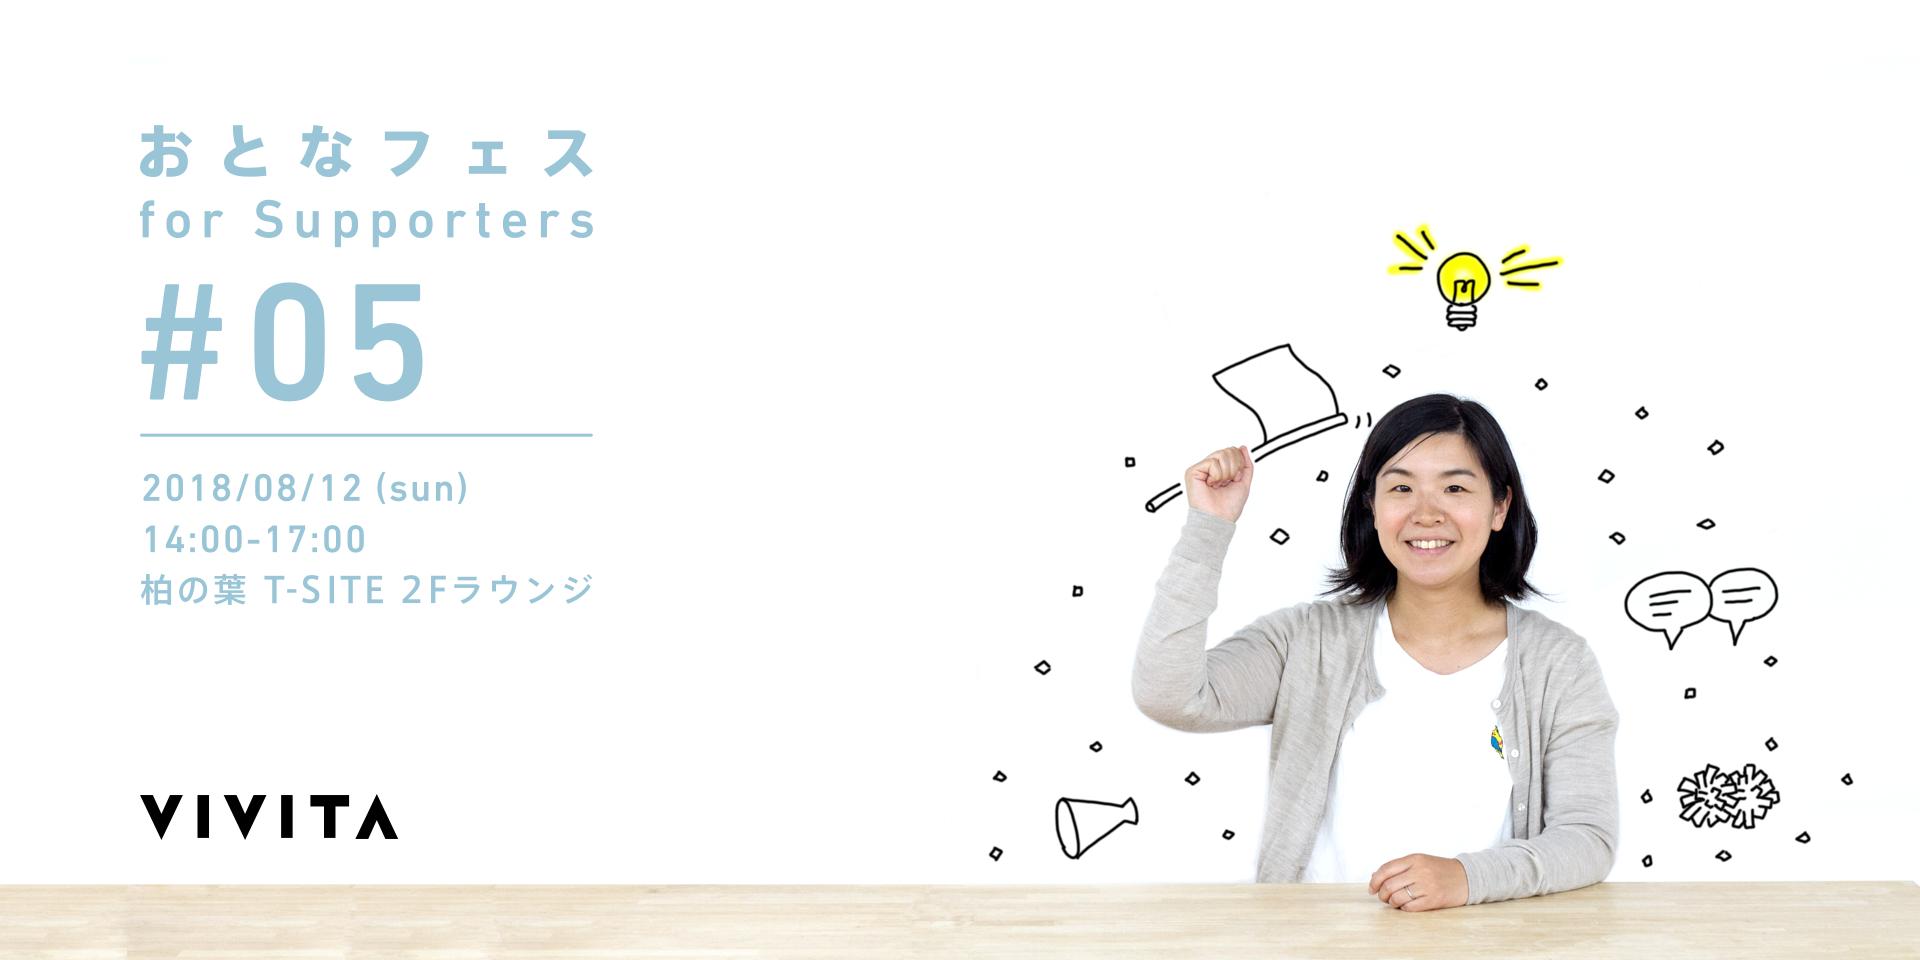 VIVITAおとなフェス #5 -for Supporters-